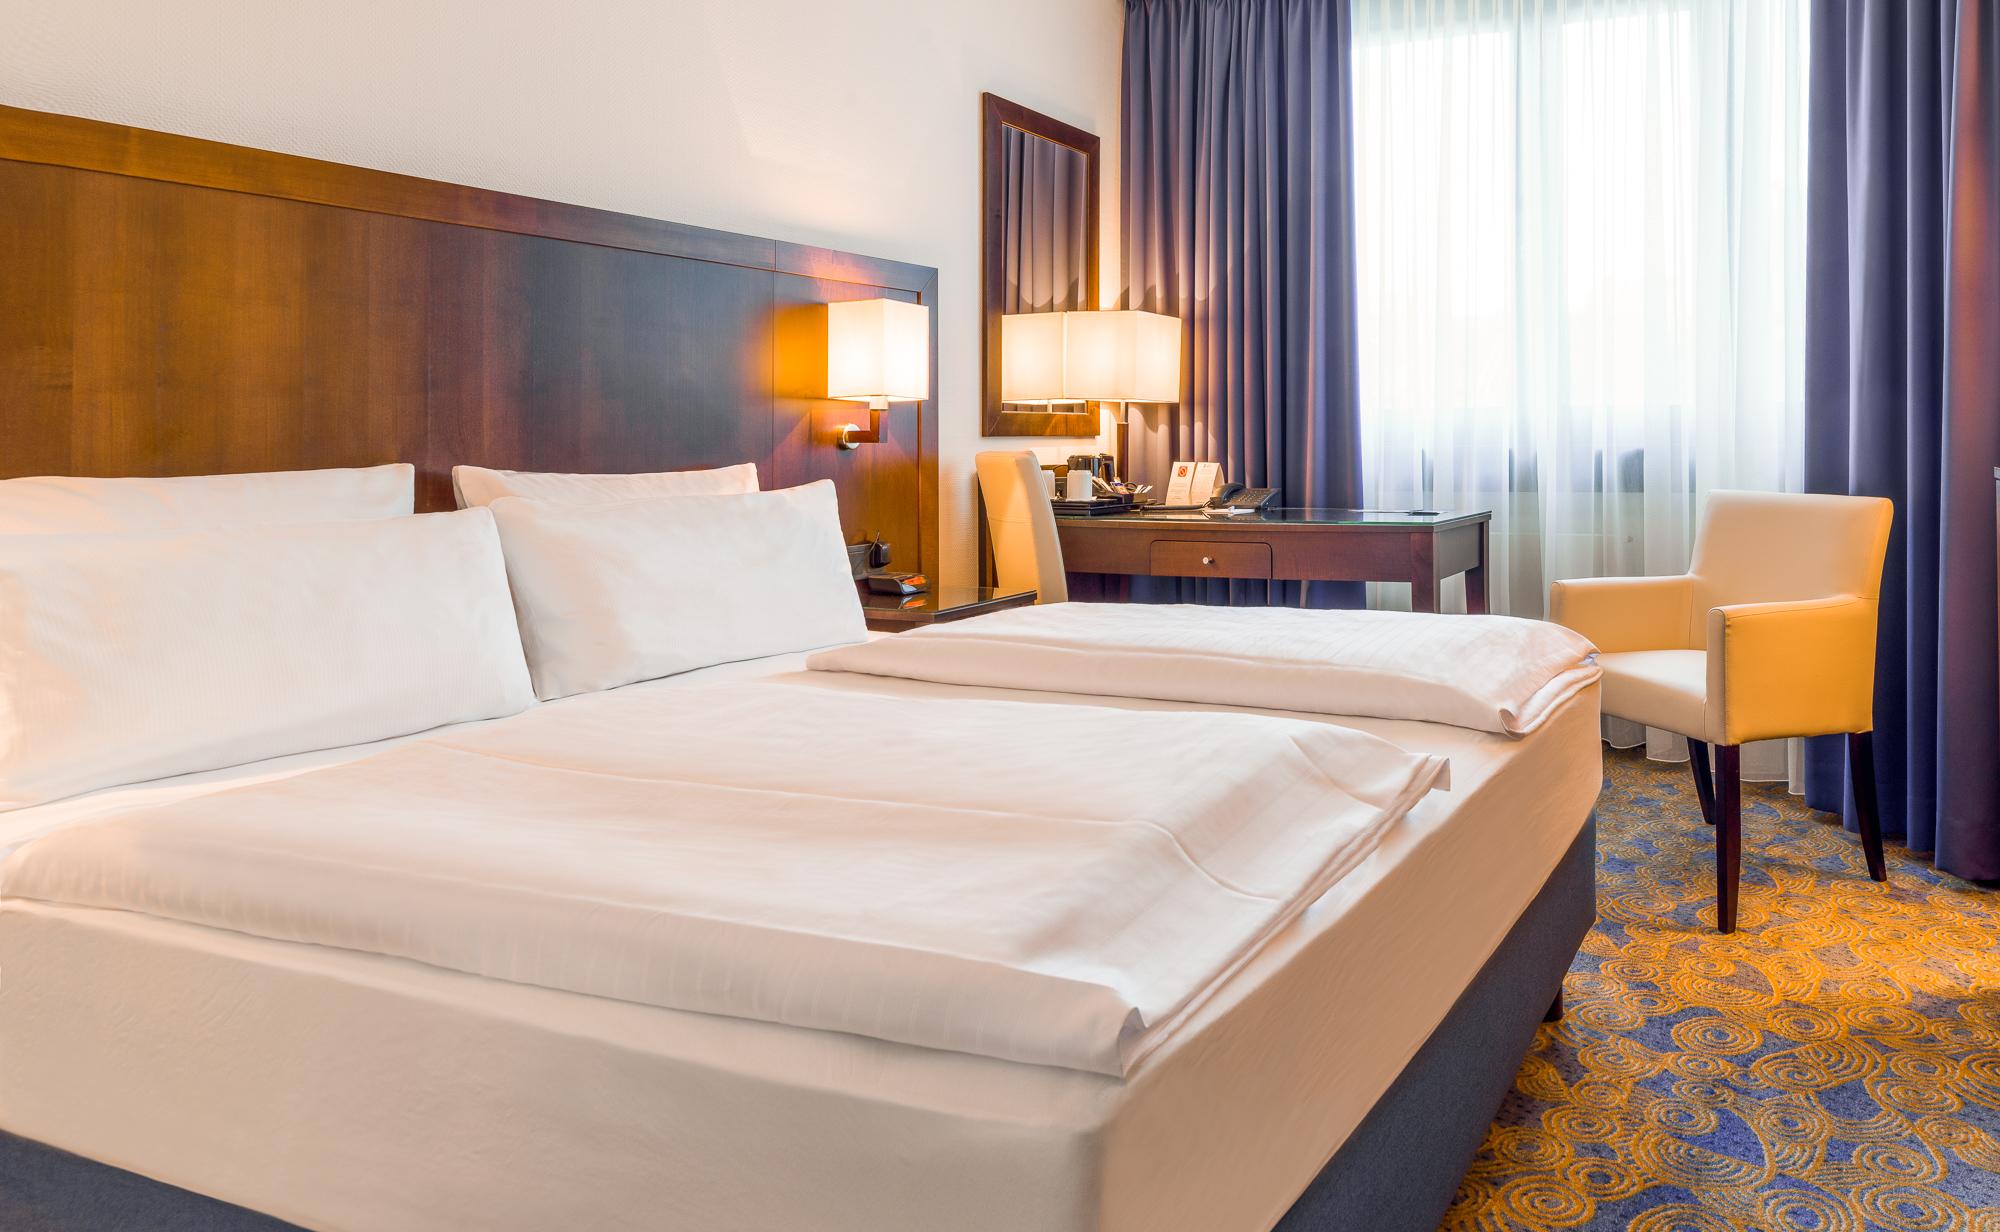 Fotograf für Hotels und Interieur Fotografie - Best Western Hotel Trier